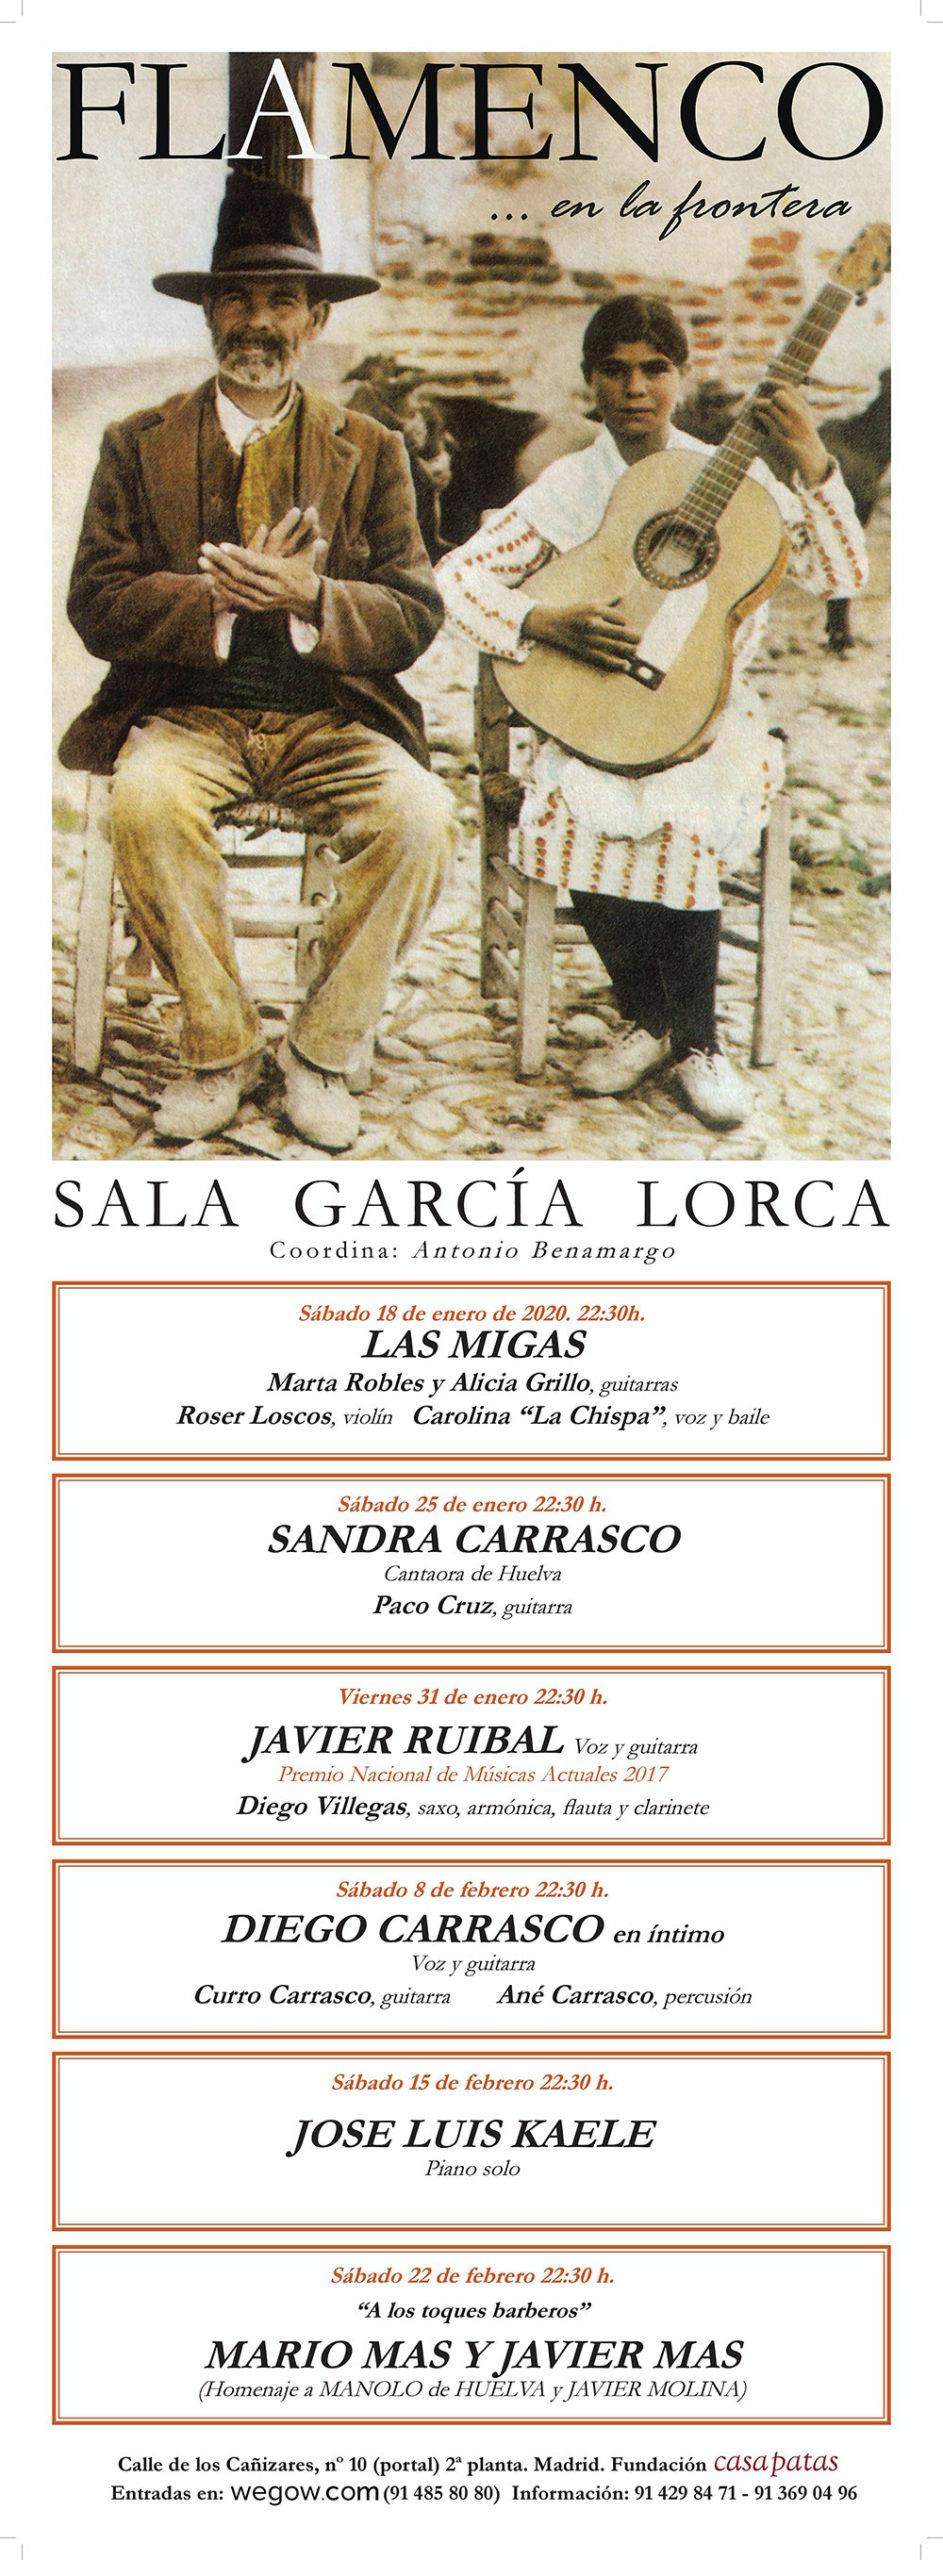 Sala García Lorca Flamenco en la Frontera 2020